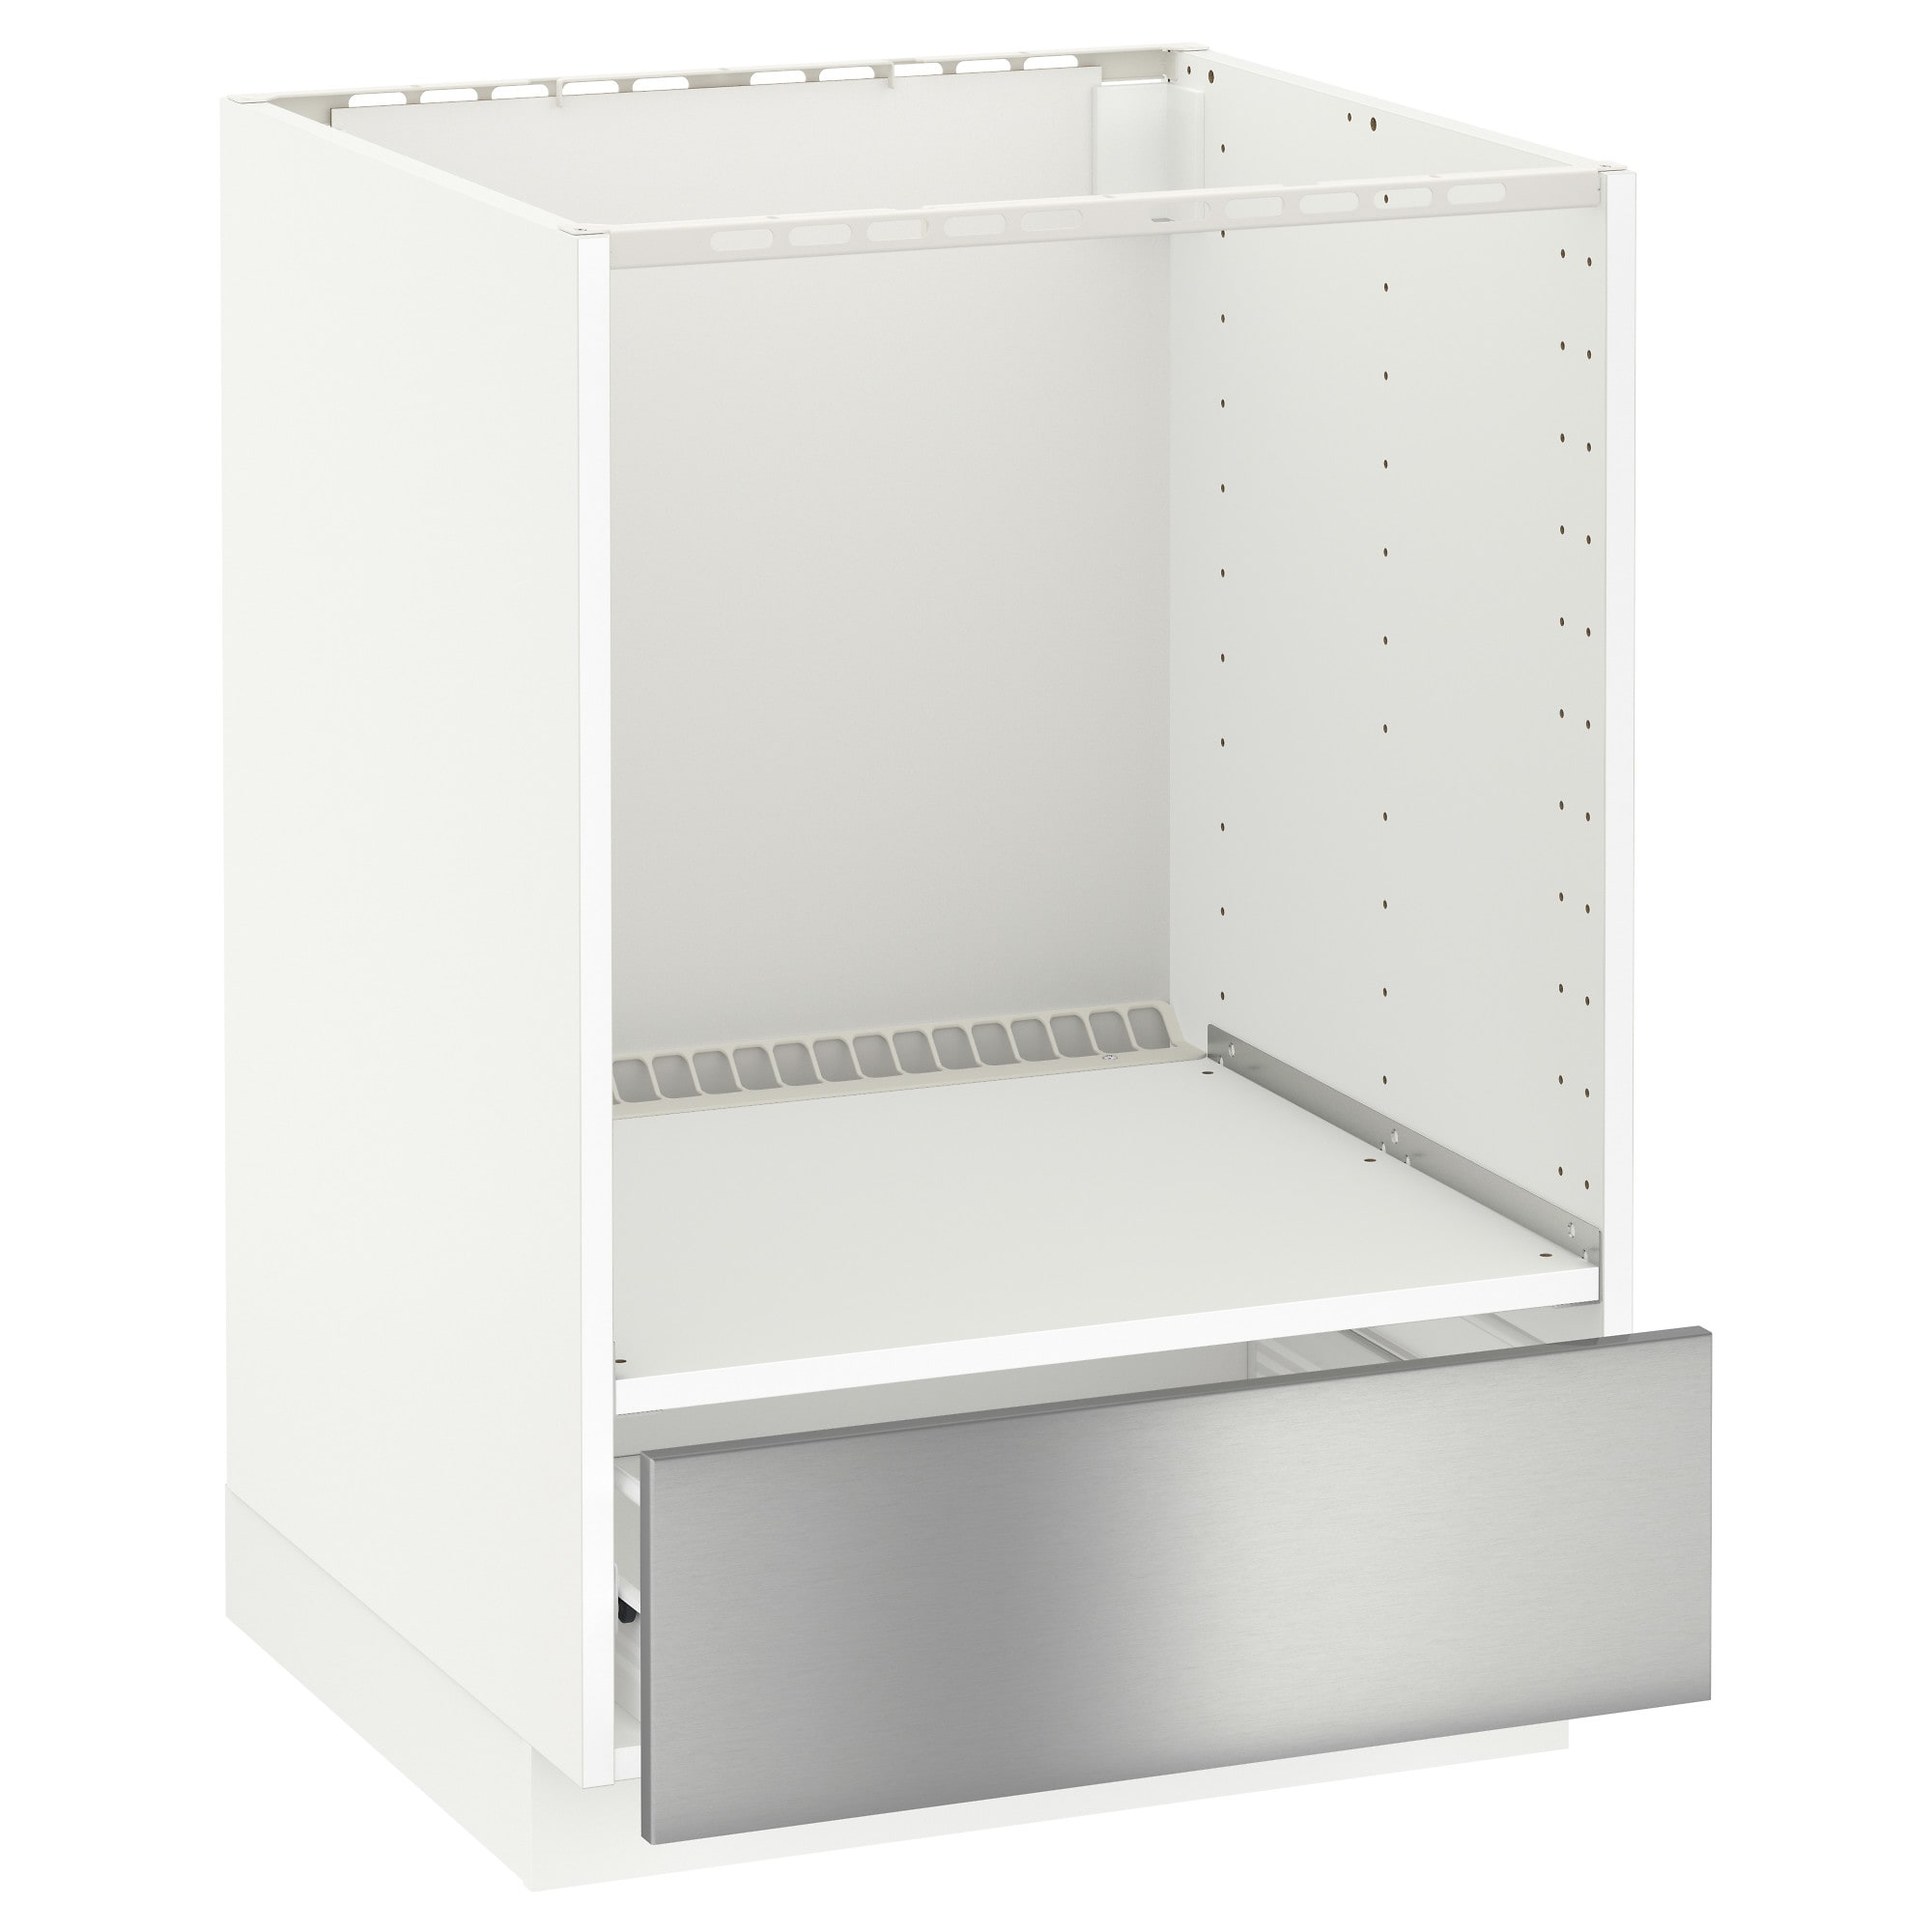 Mueble Para Encastrar Horno Y Encimera S1du Muebles Para Tus Electrodomà Sticos Empotrados Pra Online Ikea